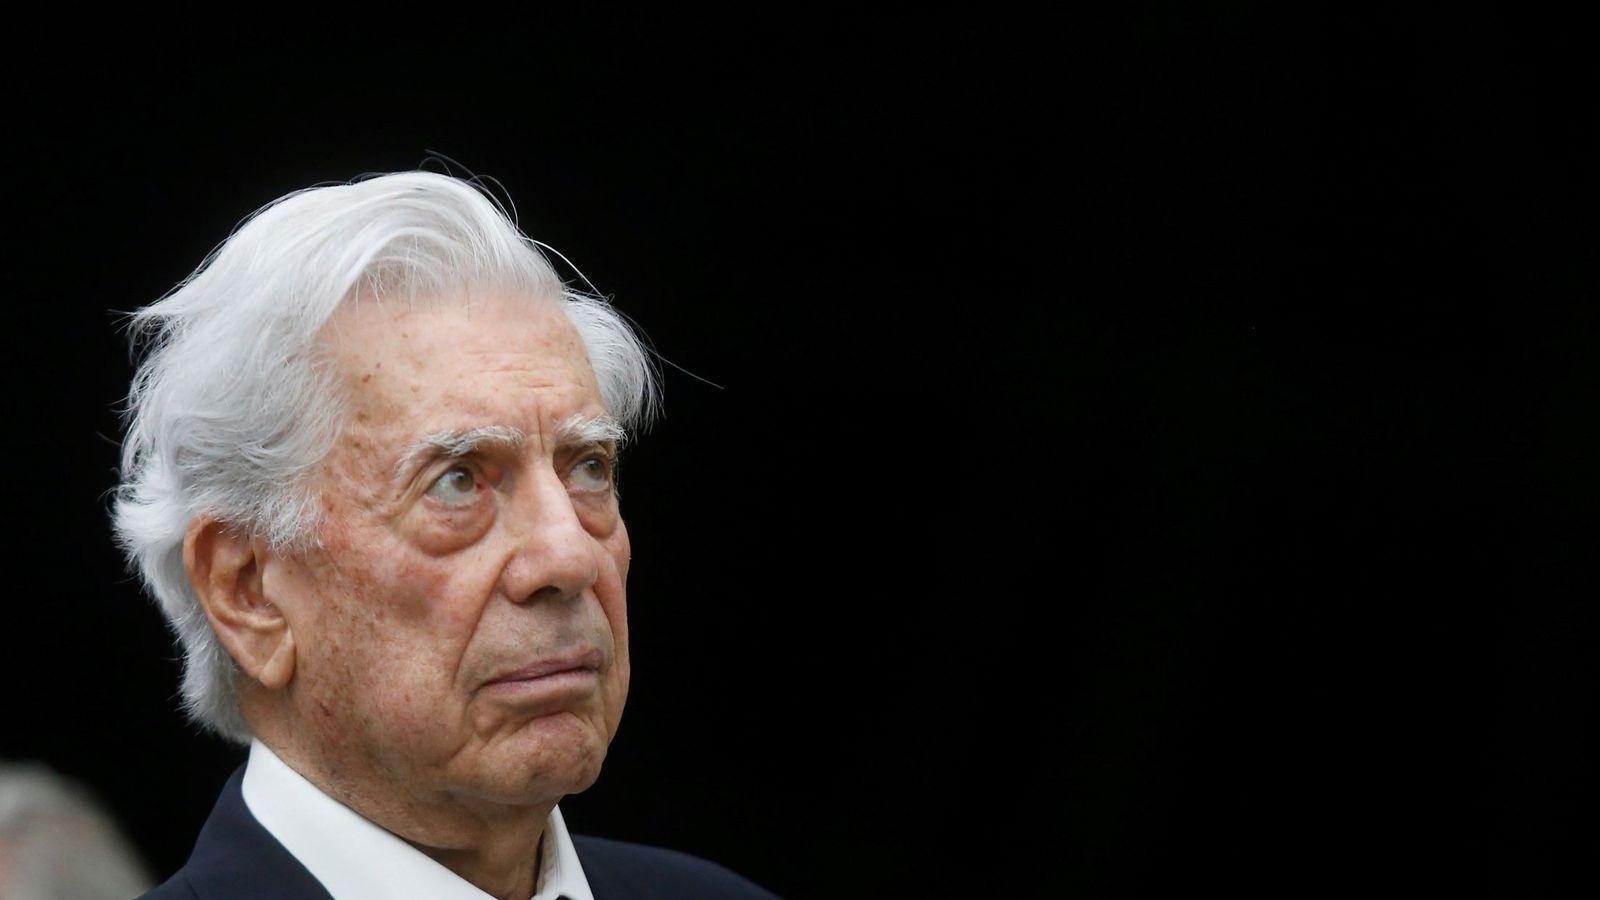 Foto: Mario Vargas Llosa esta semana en México en la Bienal de Novelas Mario Vargas Llosa que ha sido acusada de machismo. (EFE)